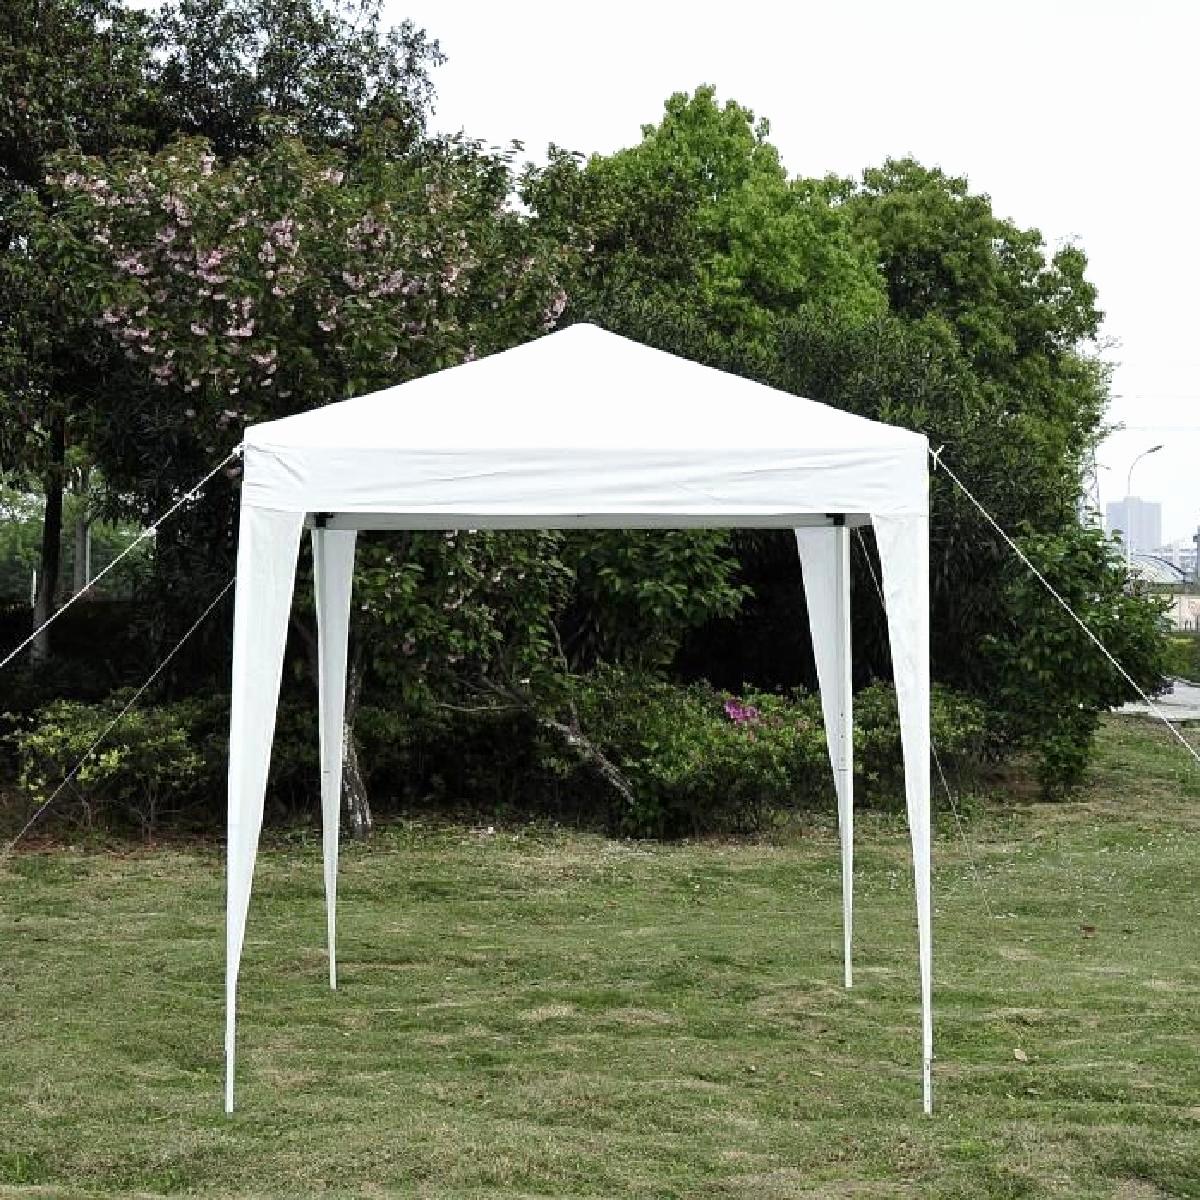 Tente De Jardin Castorama Luxe Tente De Reception encequiconcerne Tonnelle De Jardin Castorama